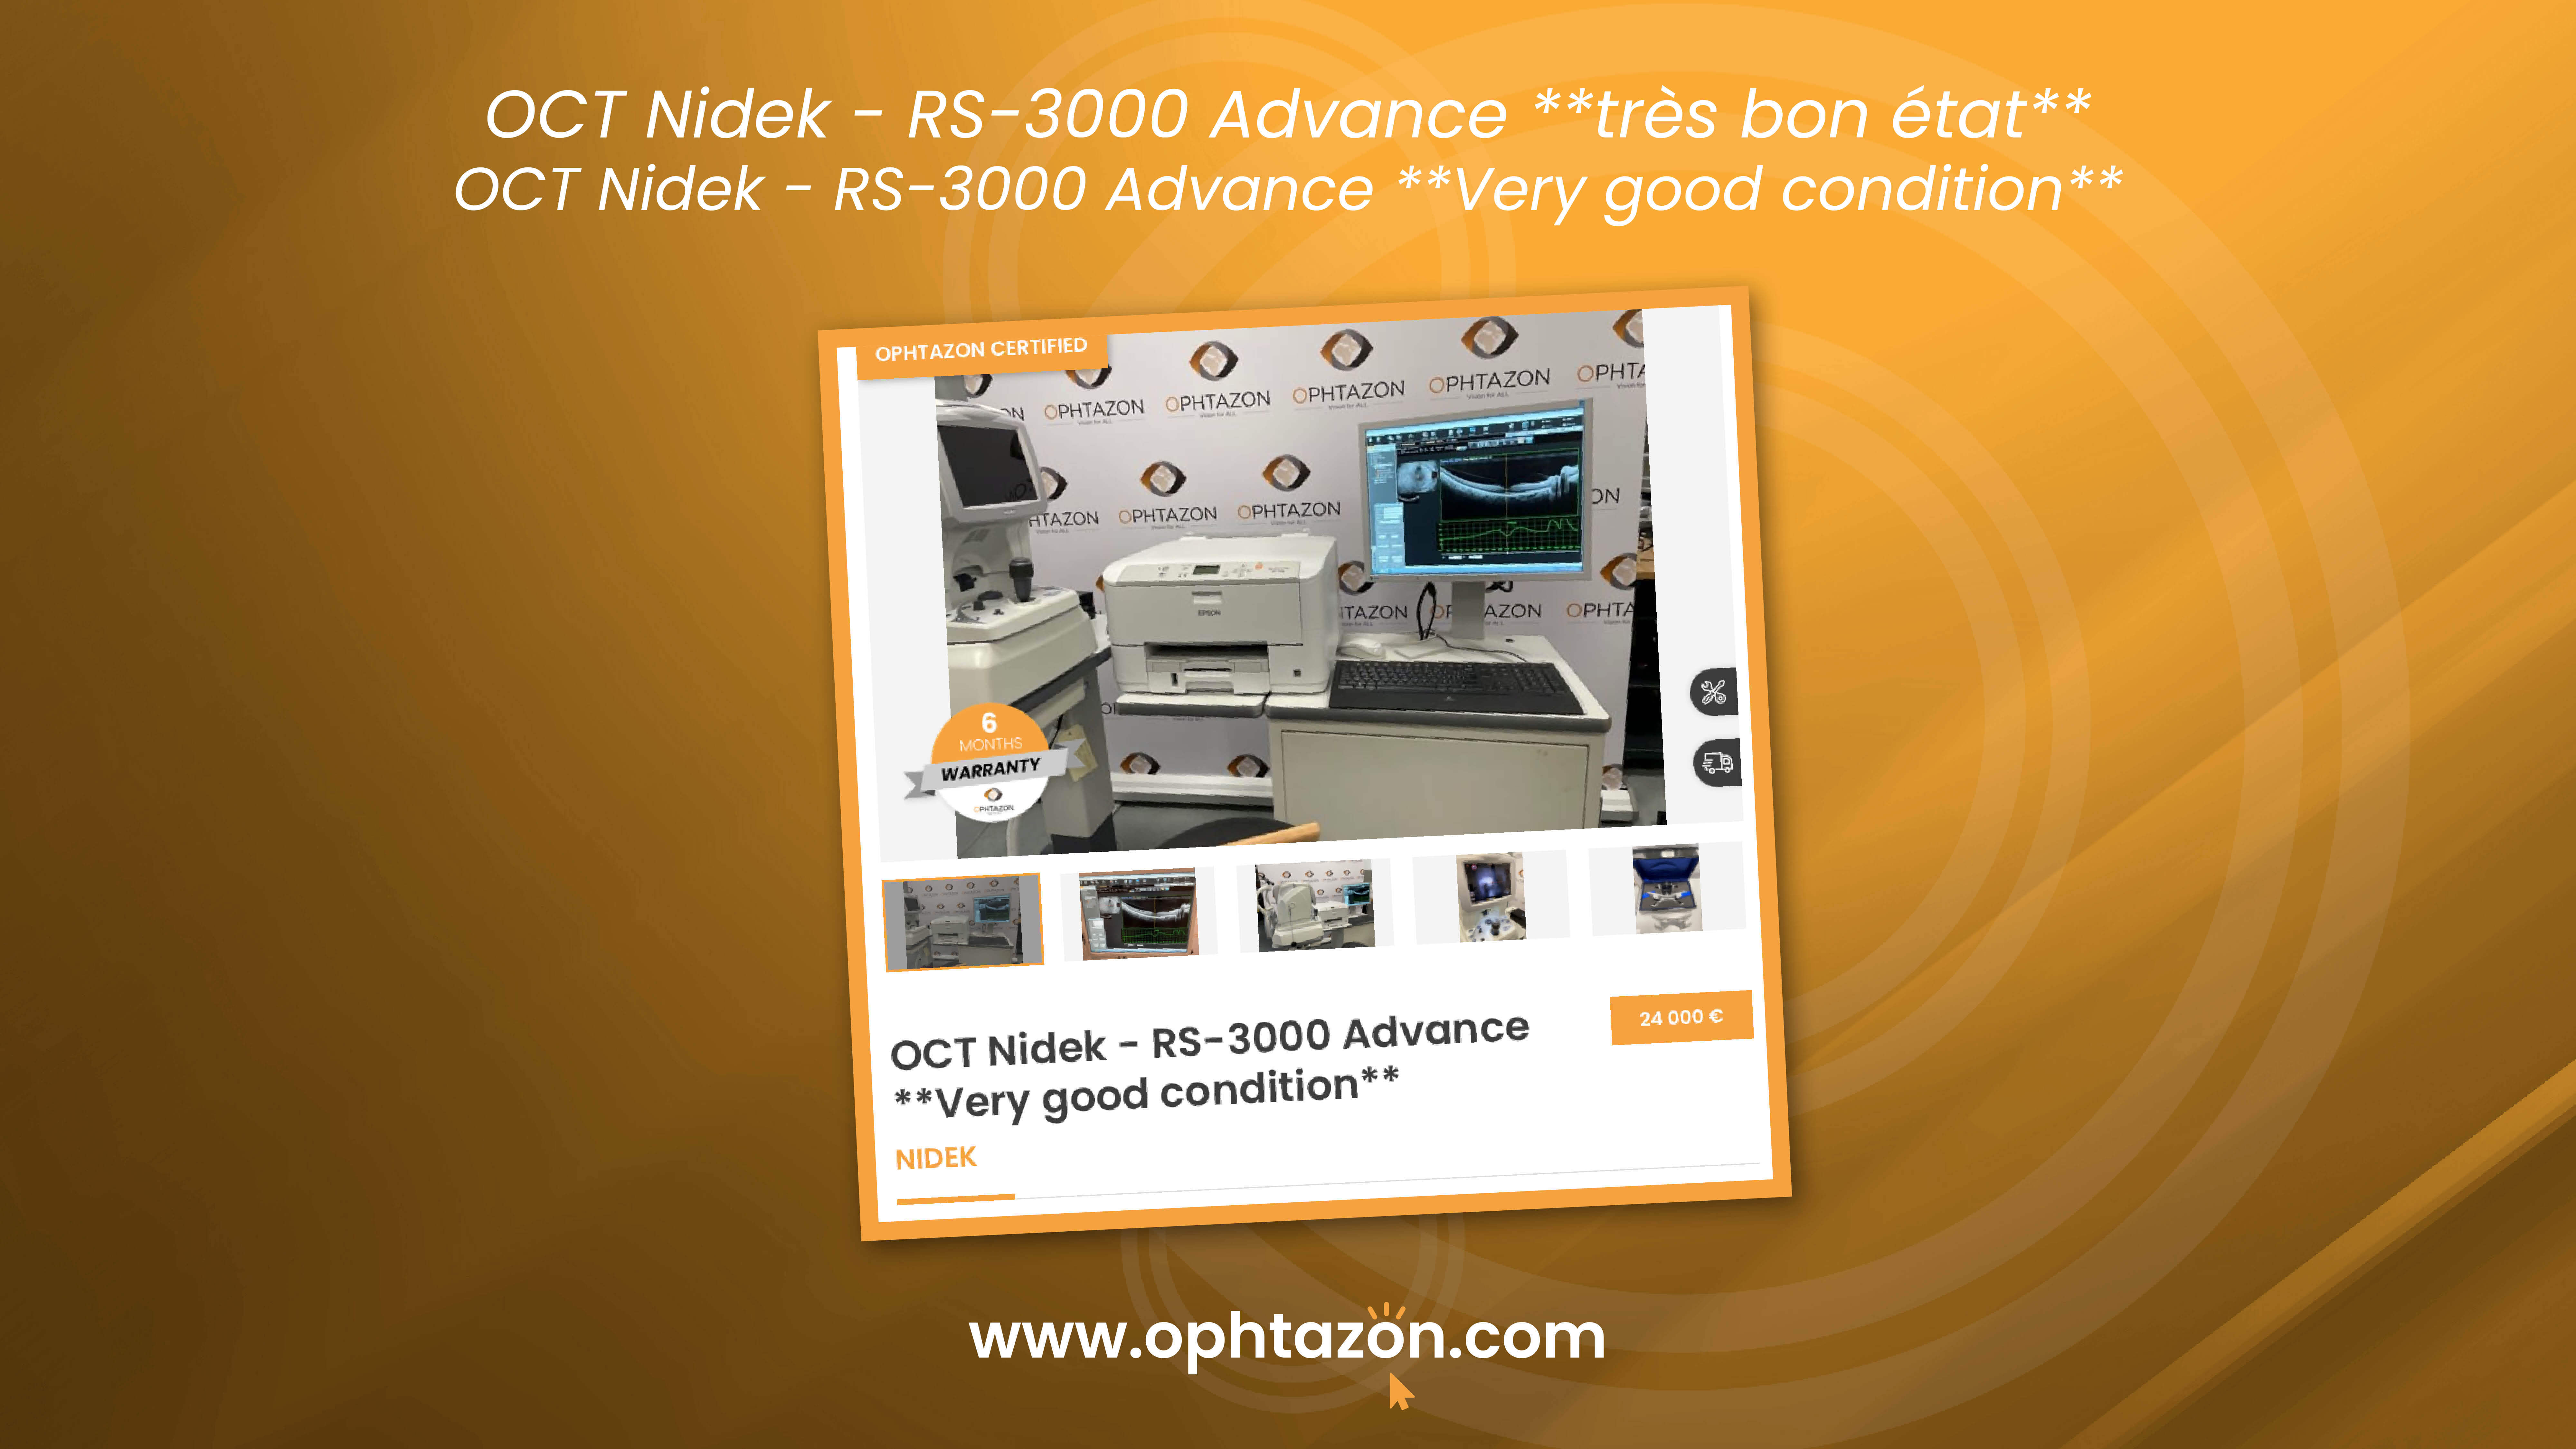 Le OCT Nidek - RS-3000 Advance très bon état est disponible